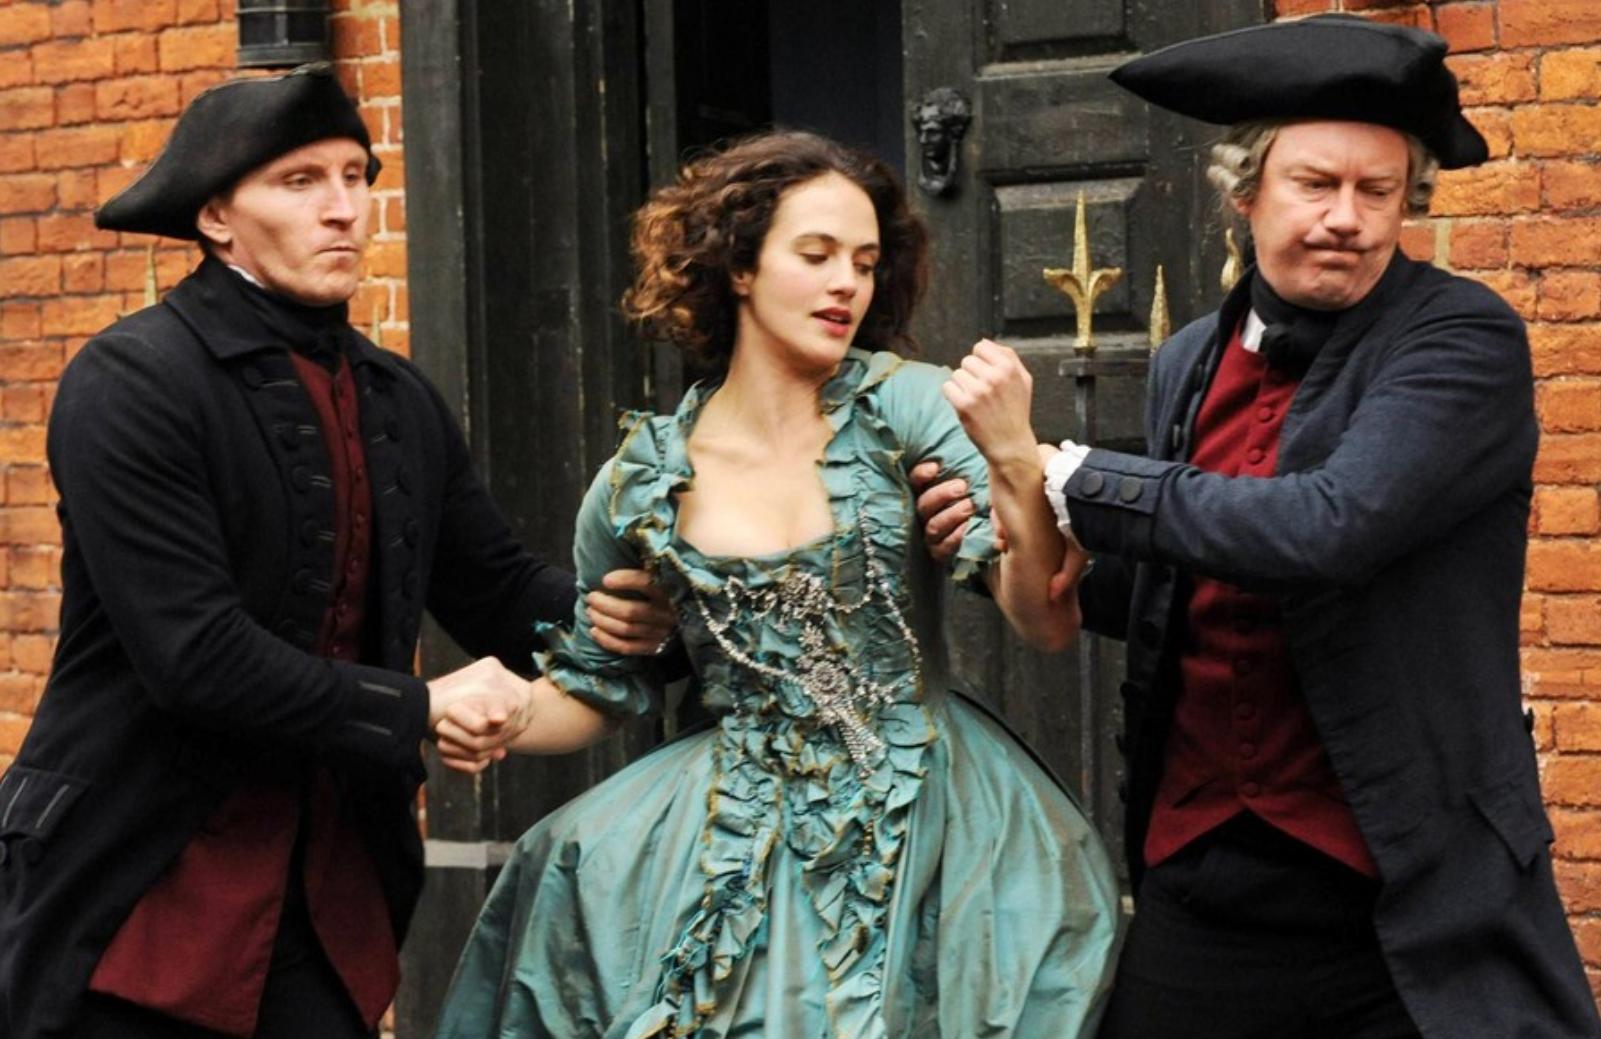 Jessica Brown Findlay as Charlotte Wells in Harlots (ITV/Hulu)